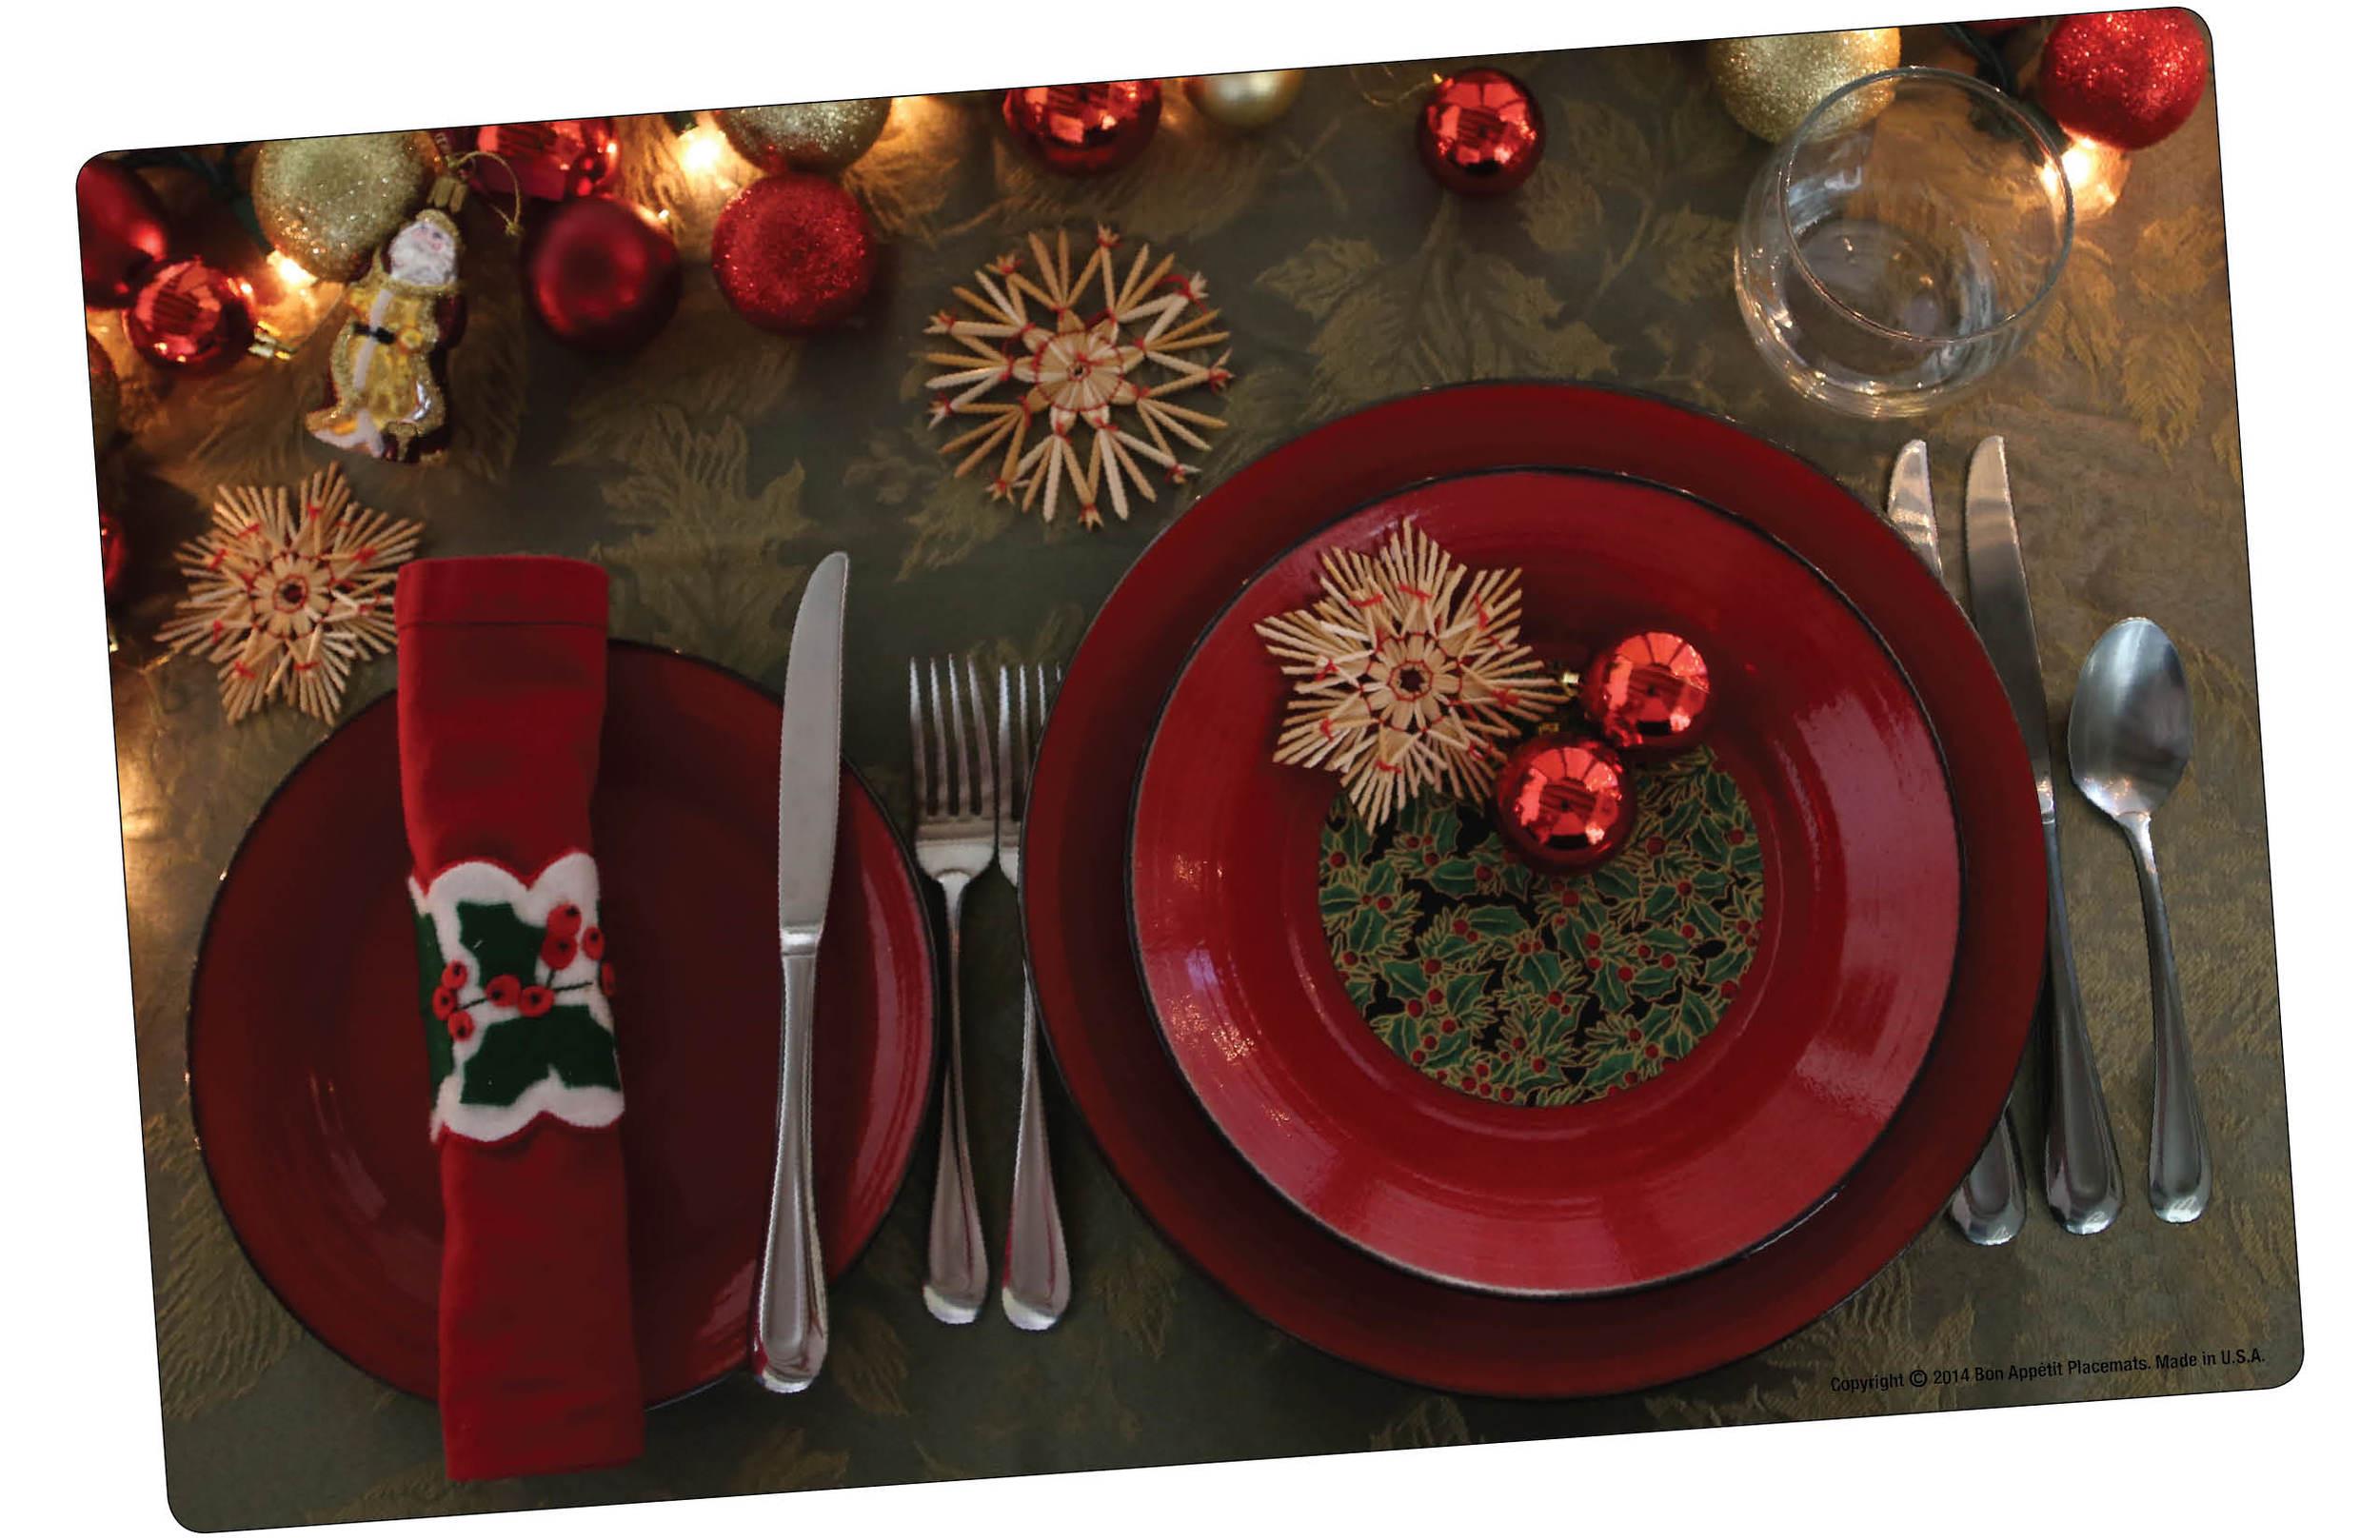 Bon Appetit Placemat Christmas.jpg